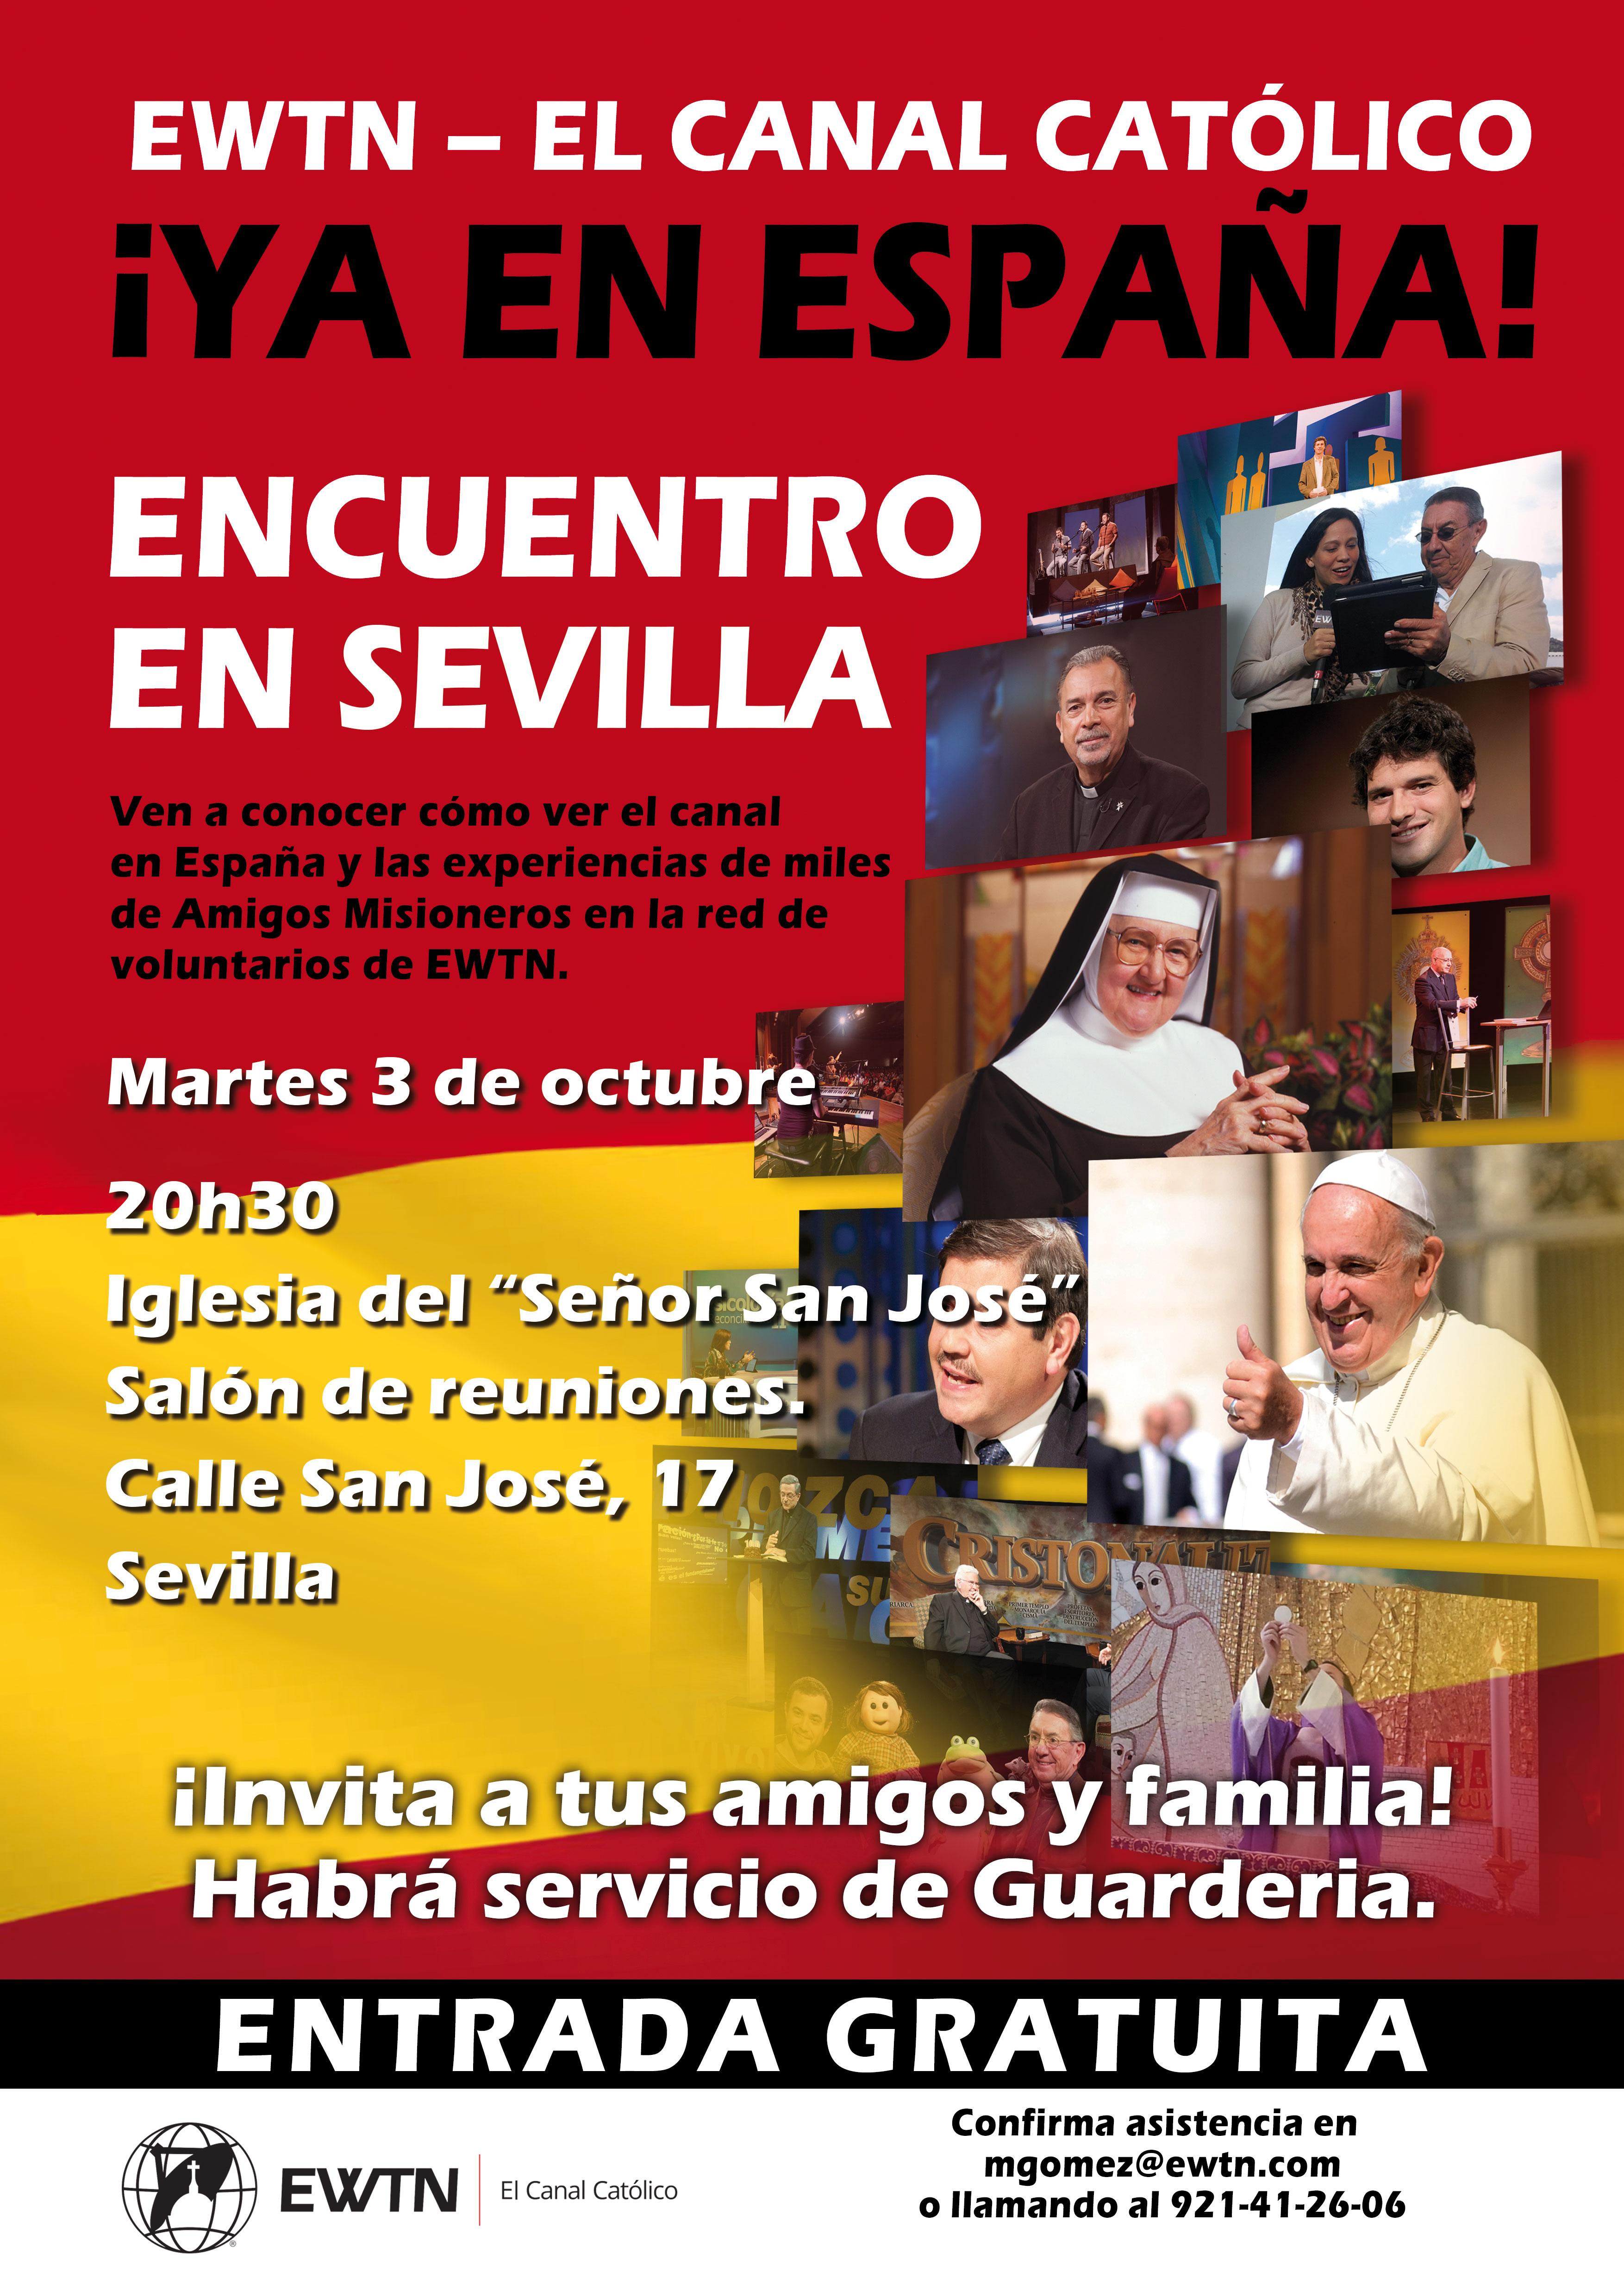 HR-Amigos-Misioneros-Sevilla-ESPAÑA-2017-baja-96 dpi